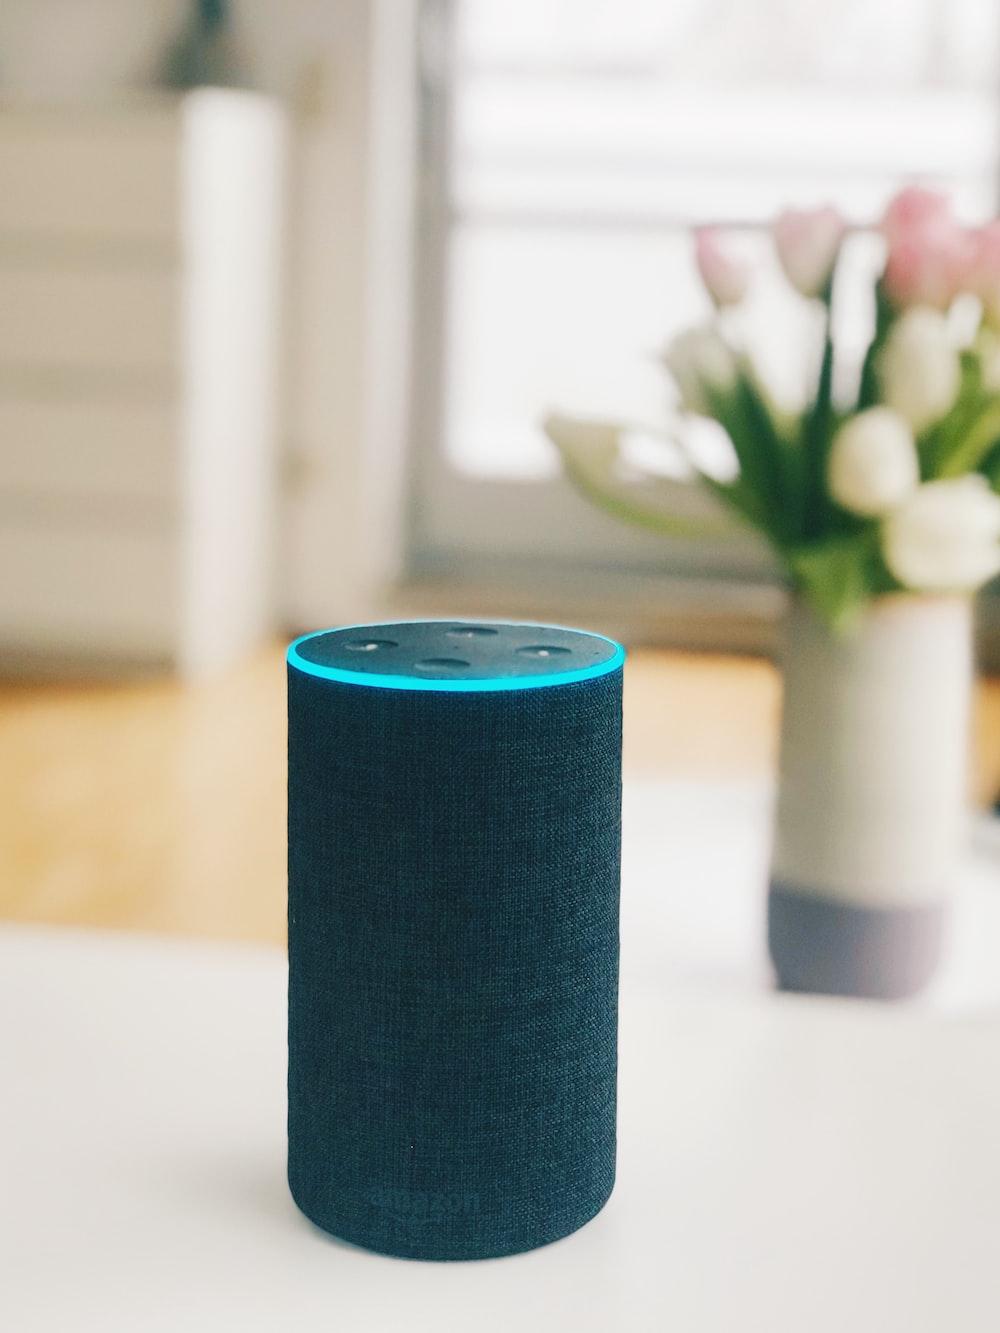 1st gen Amazon Echo speaker